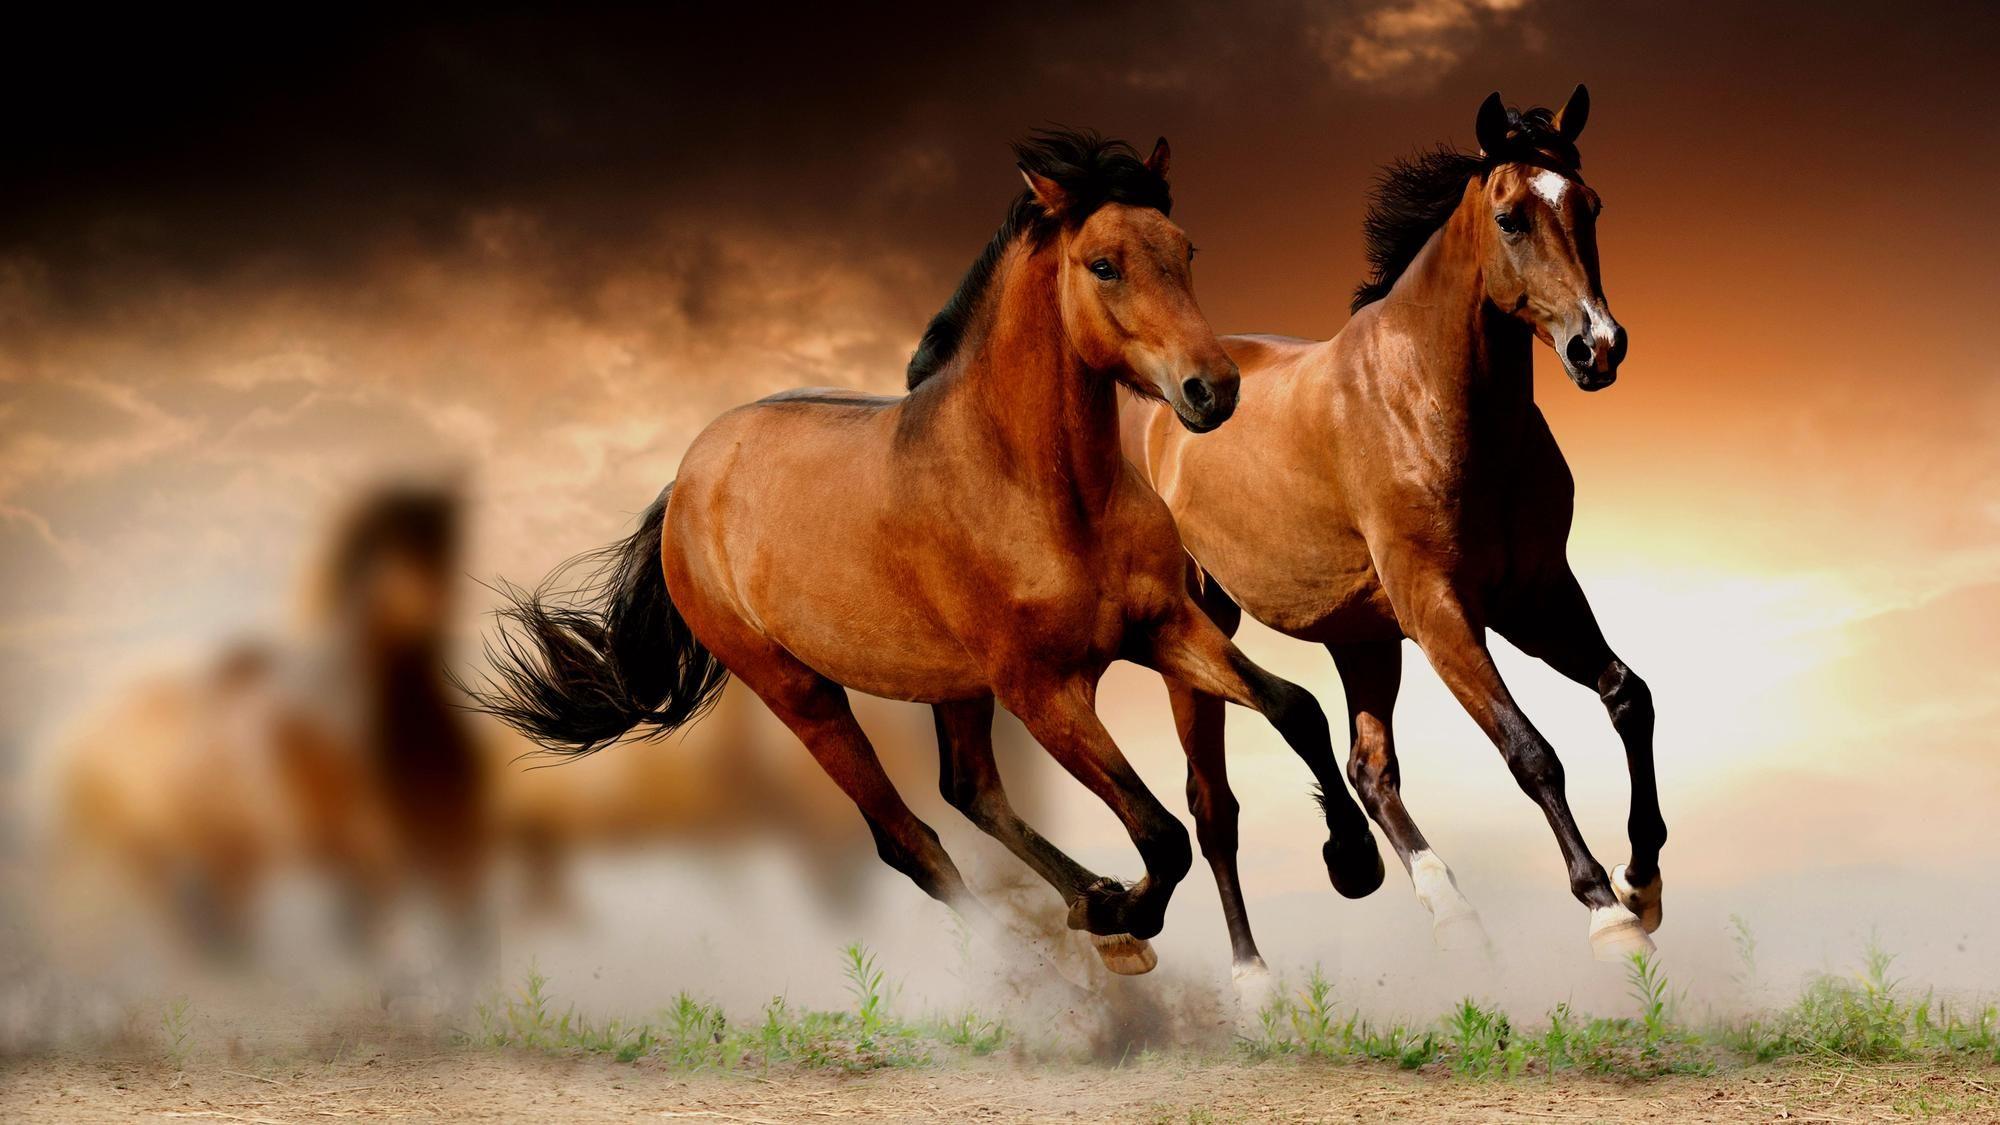 Horse Wallpapers HD Download Horses Horses Horse wallpaper 2000x1125